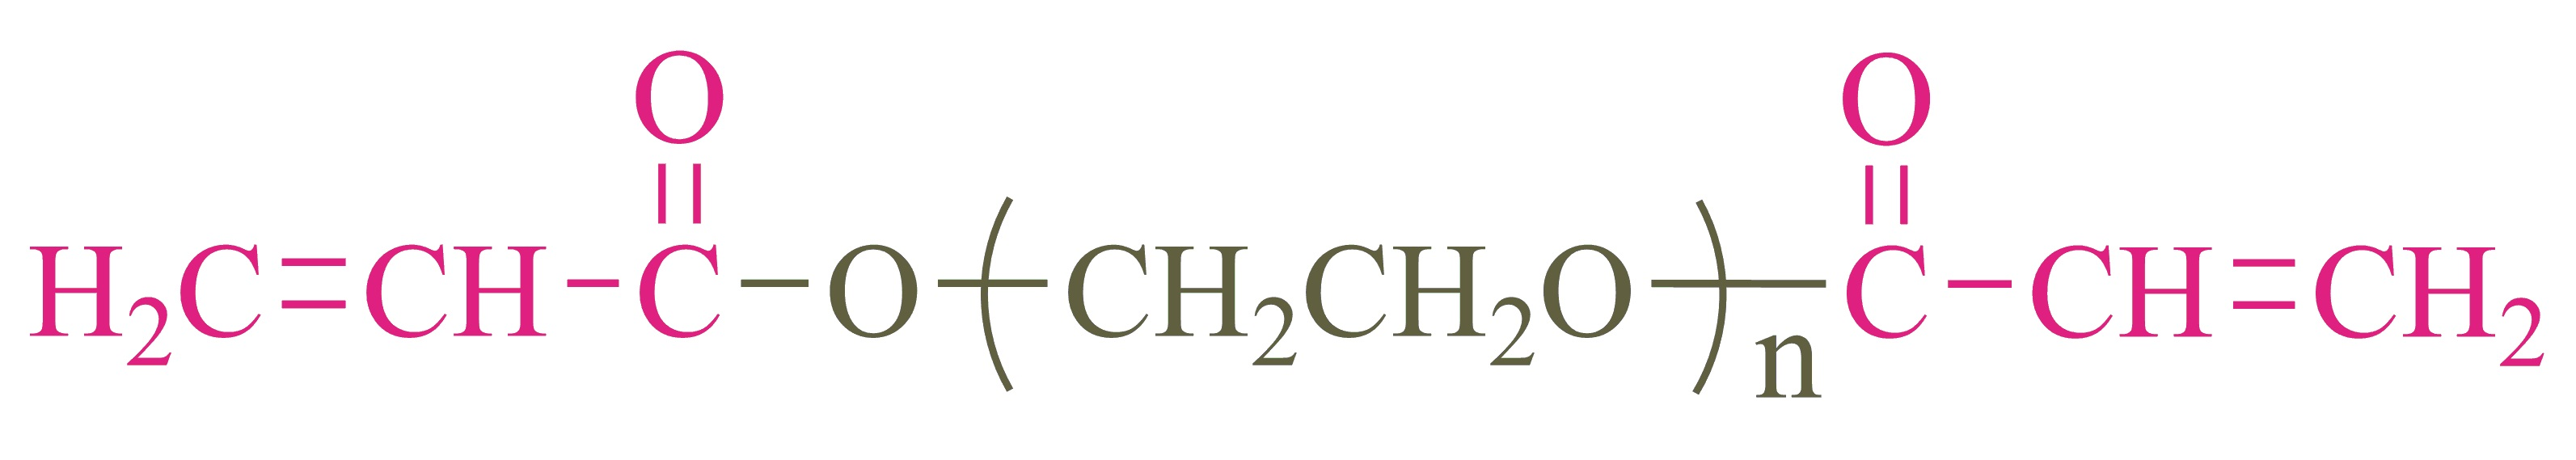 α,ω-二丙烯酸酯基聚乙二醇(AA-PEG-AA);α,ω-Diacryloyl poly(ethylene glycol)